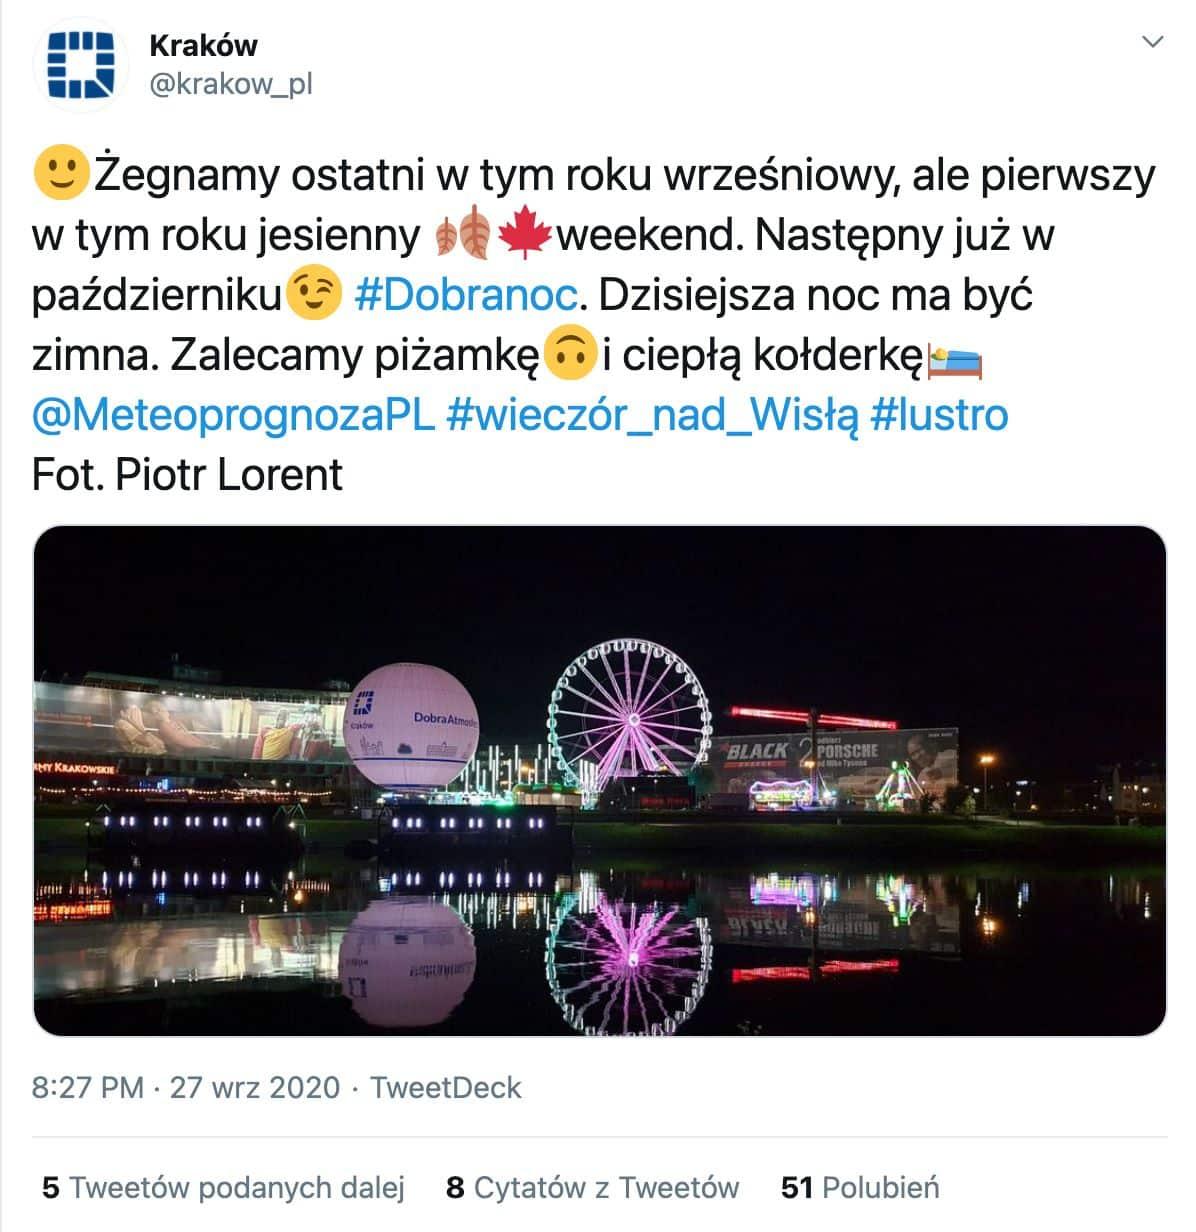 Krakow.pl chwali się otoczeniem hotelu Forum.